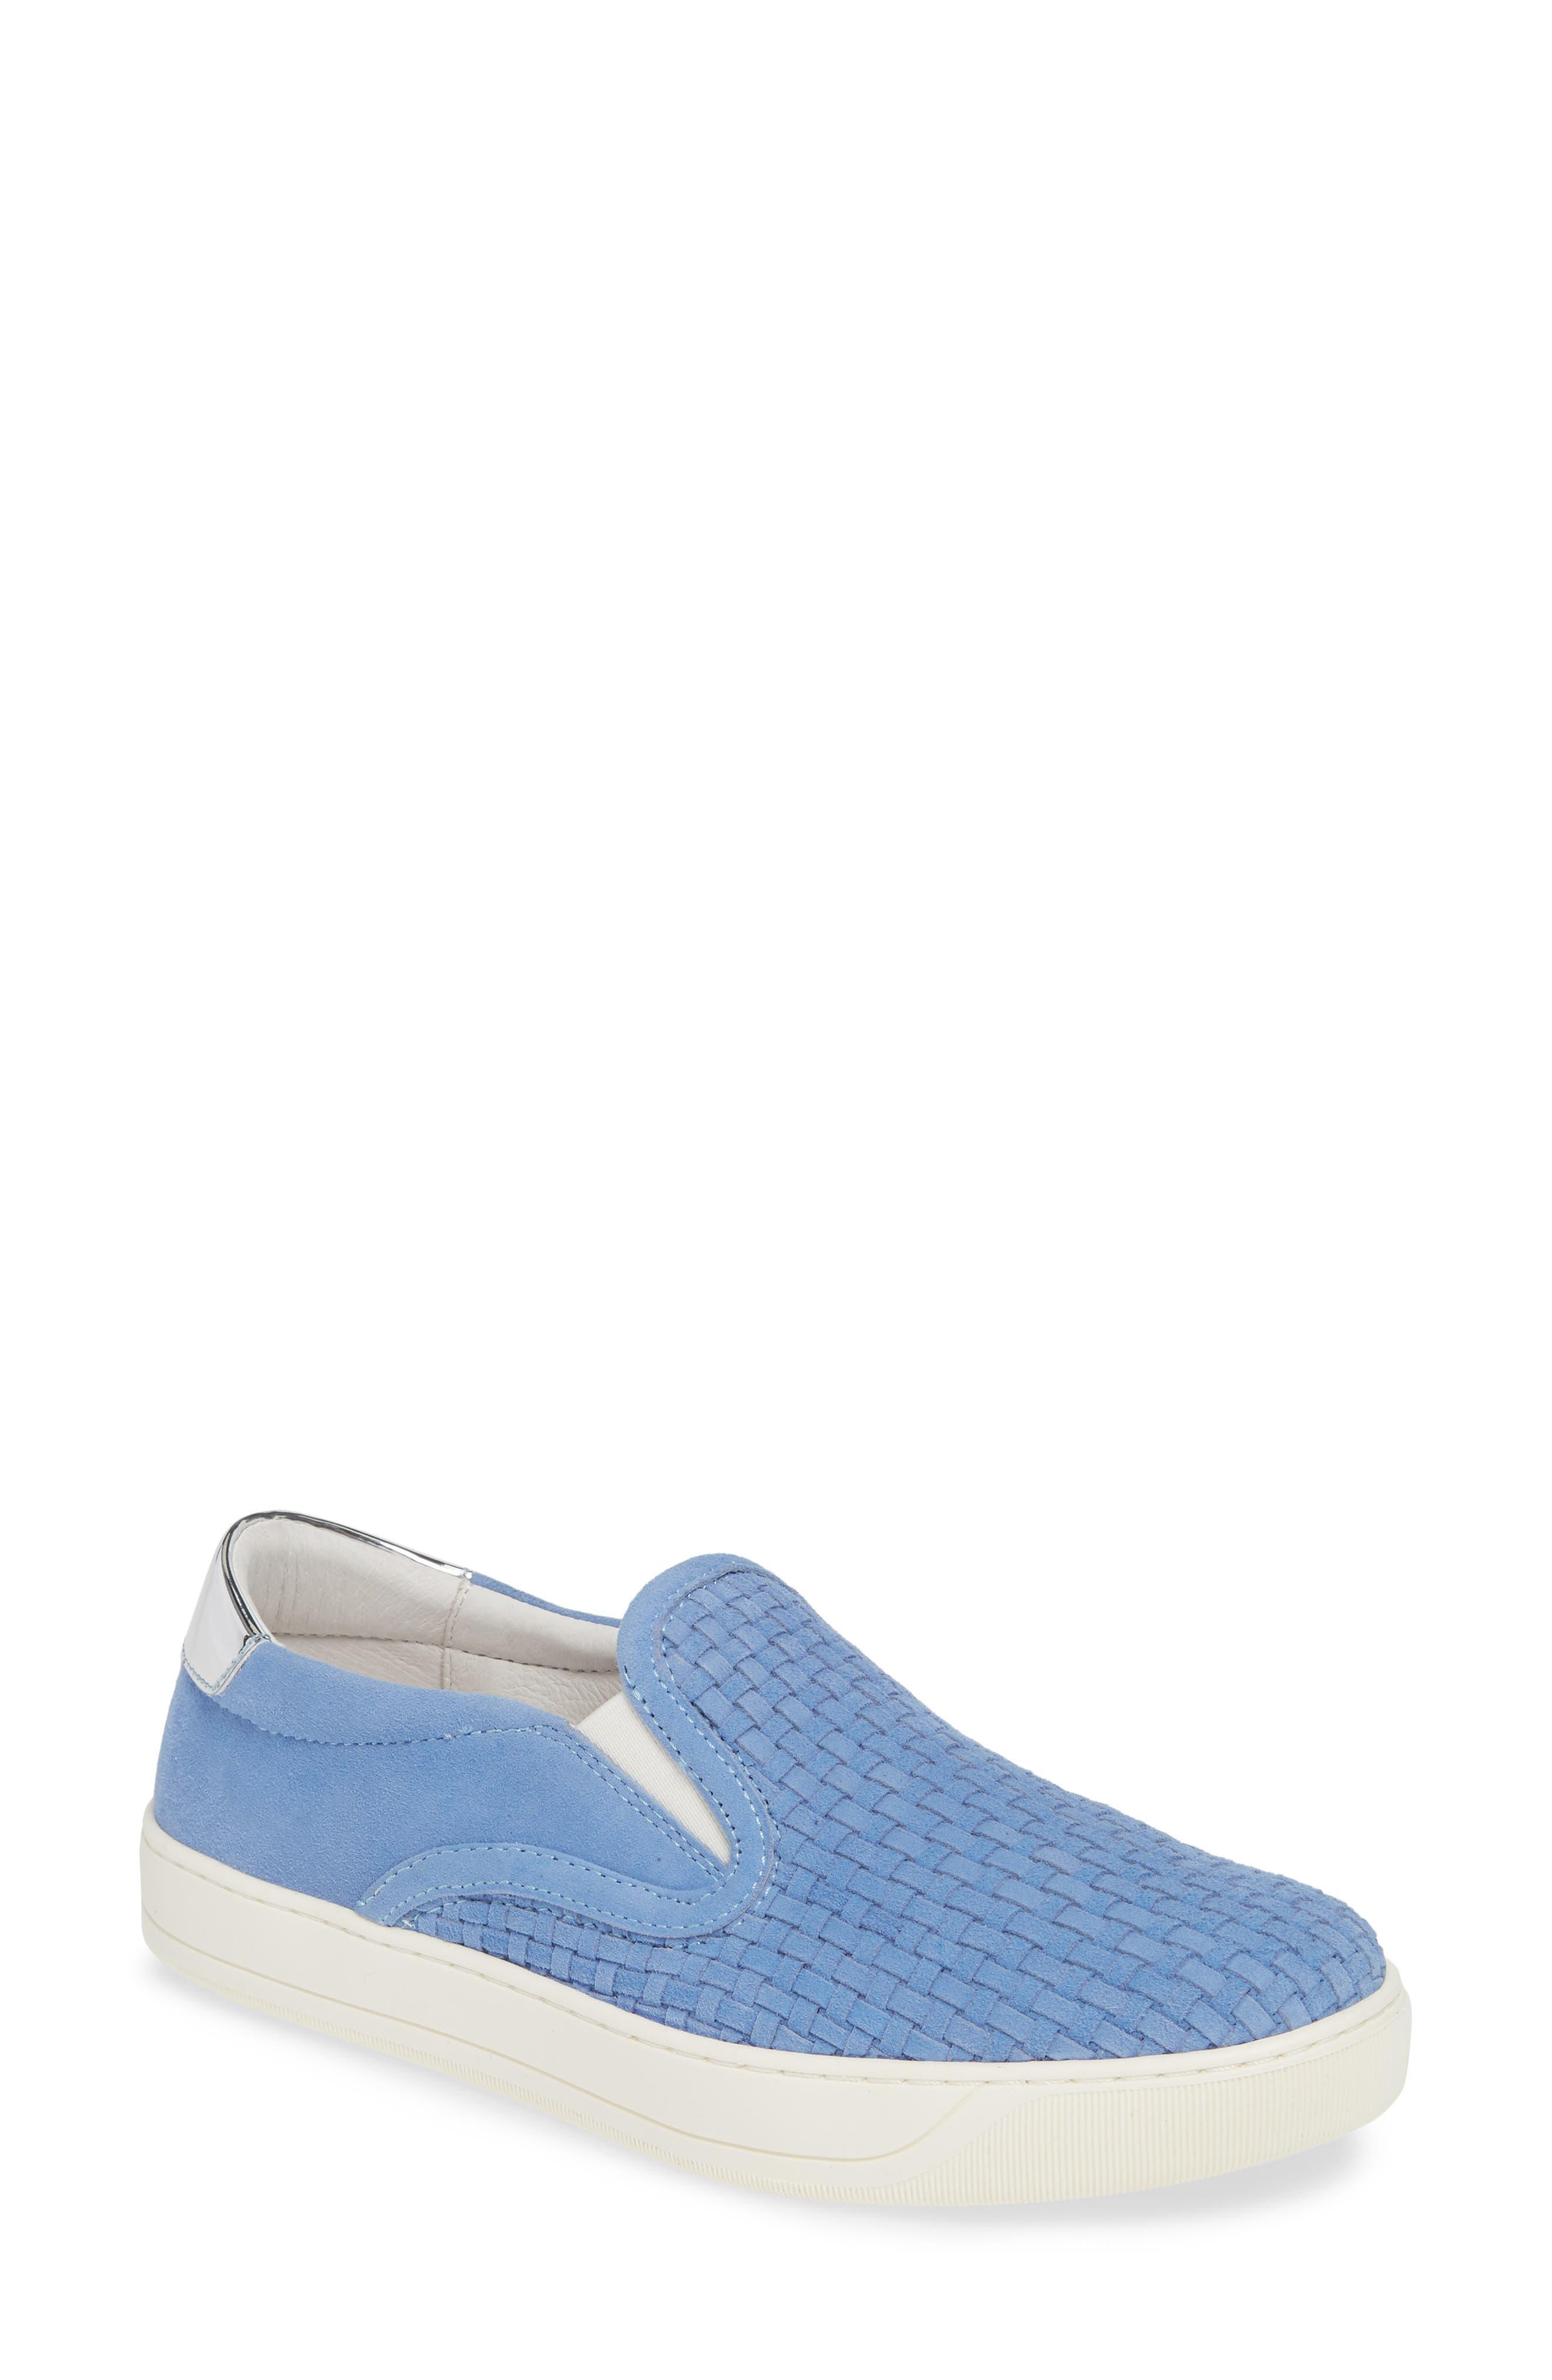 Johnston & Murphy Elaine Woven Slip-On Sneaker, Blue